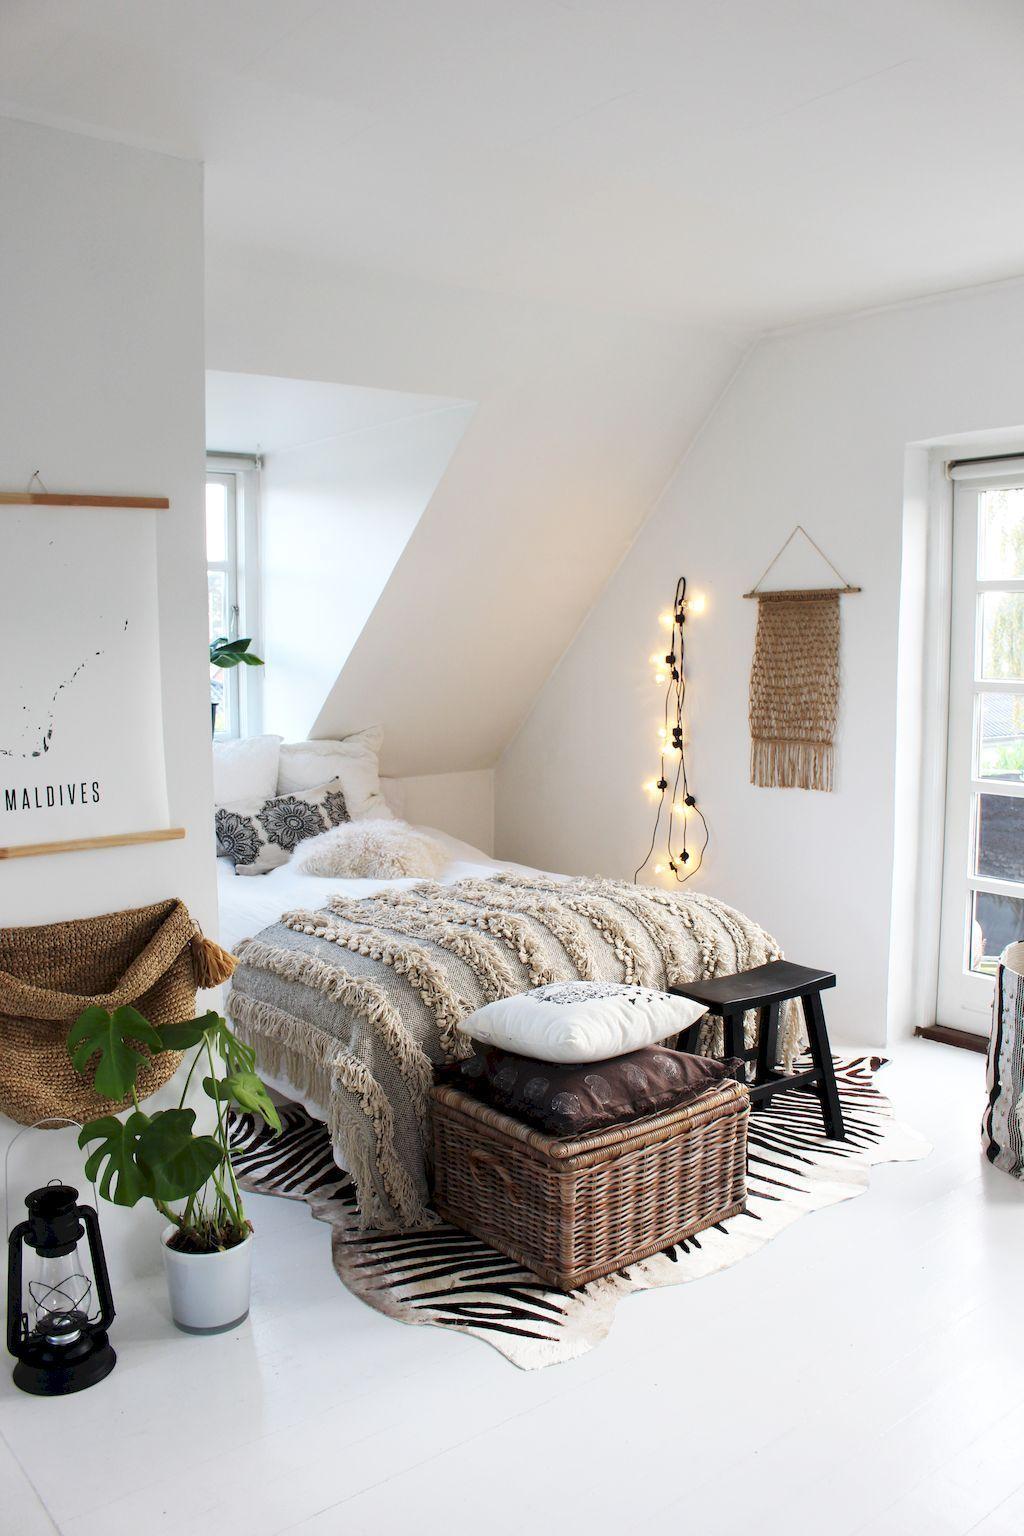 Modern Minimalist Bedroom (11) Ideen Fürs Zimmer, Neues Zuhause,  Schlafzimmer Inspiration,